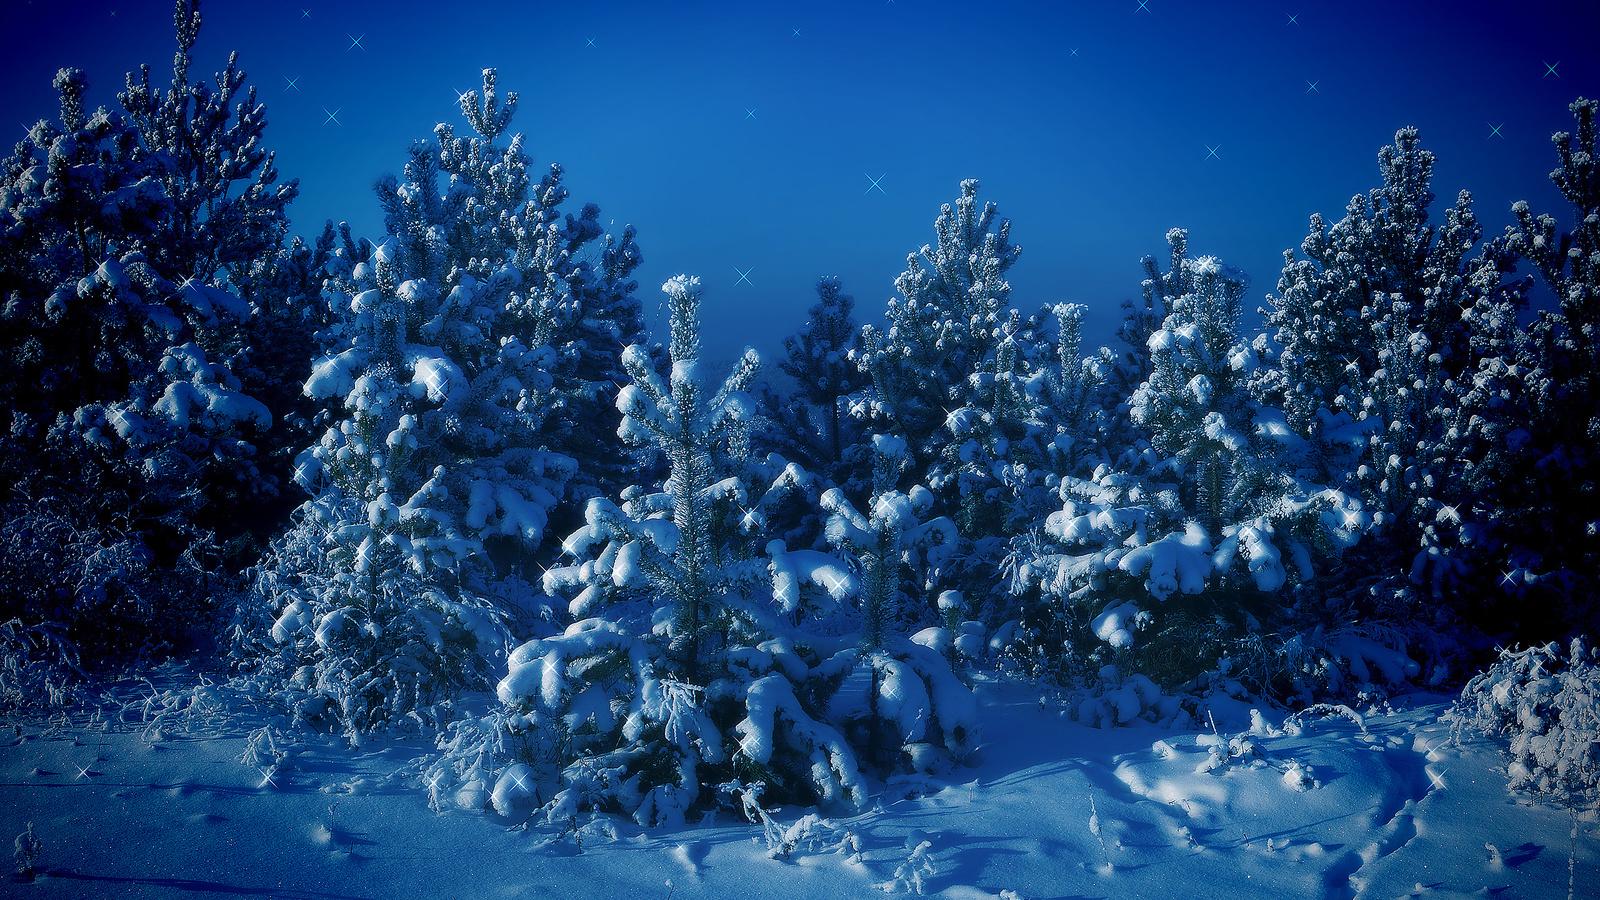 природа, пейзаж, зима, снег, деревья, ели, ёлки, ночь, искры